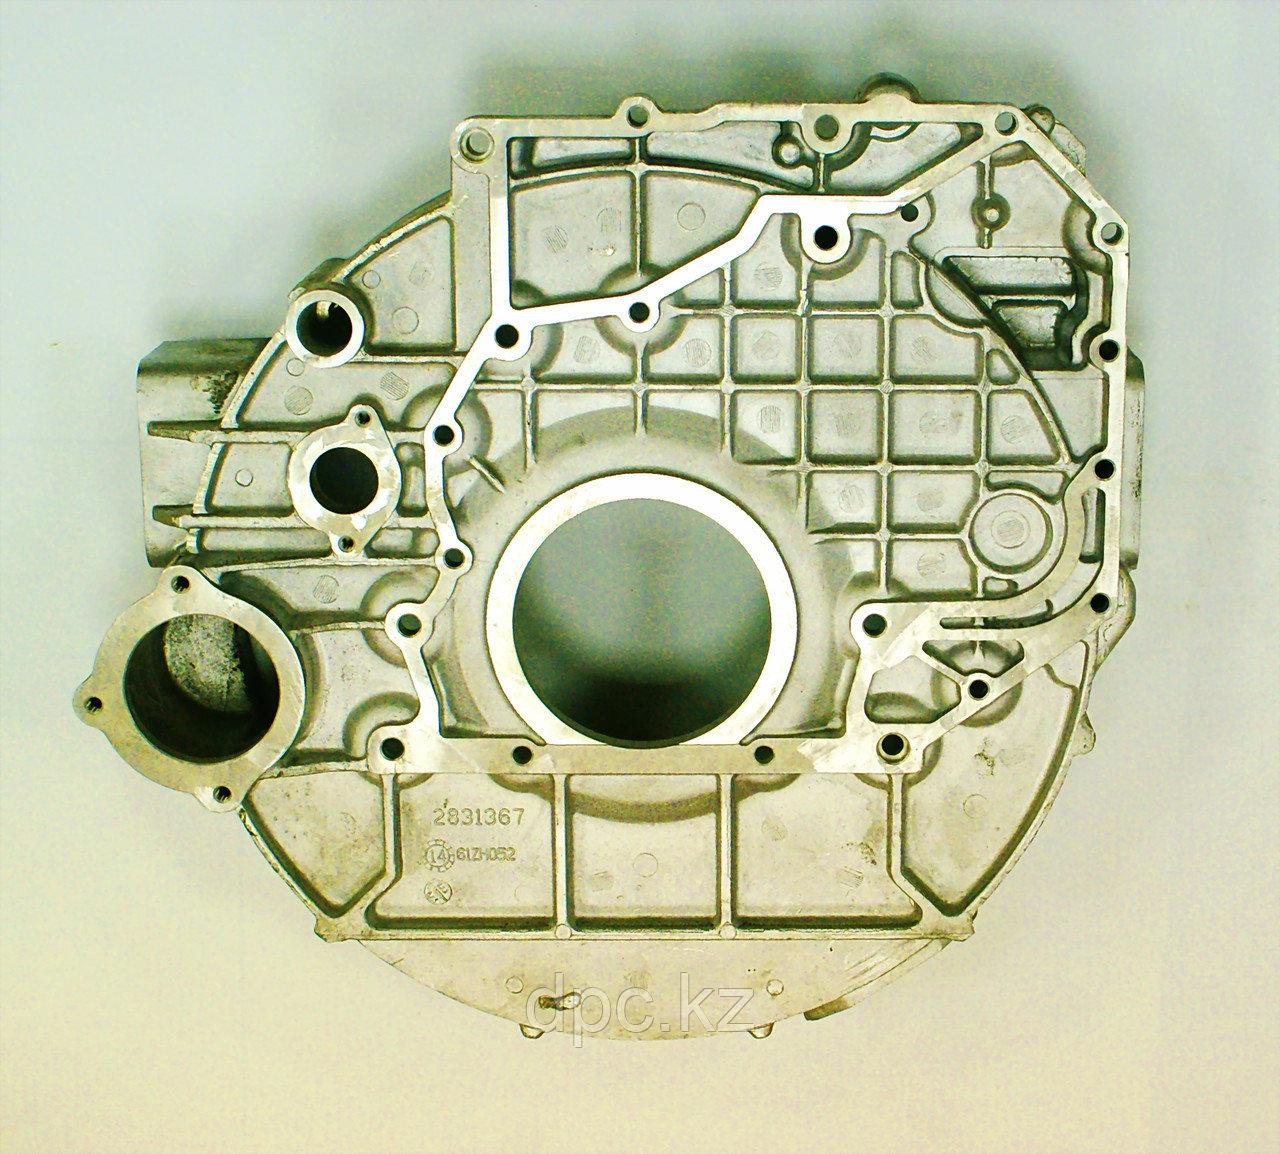 Картер маховика (механическая коробка передач) Cummins 6ISBe 2831367